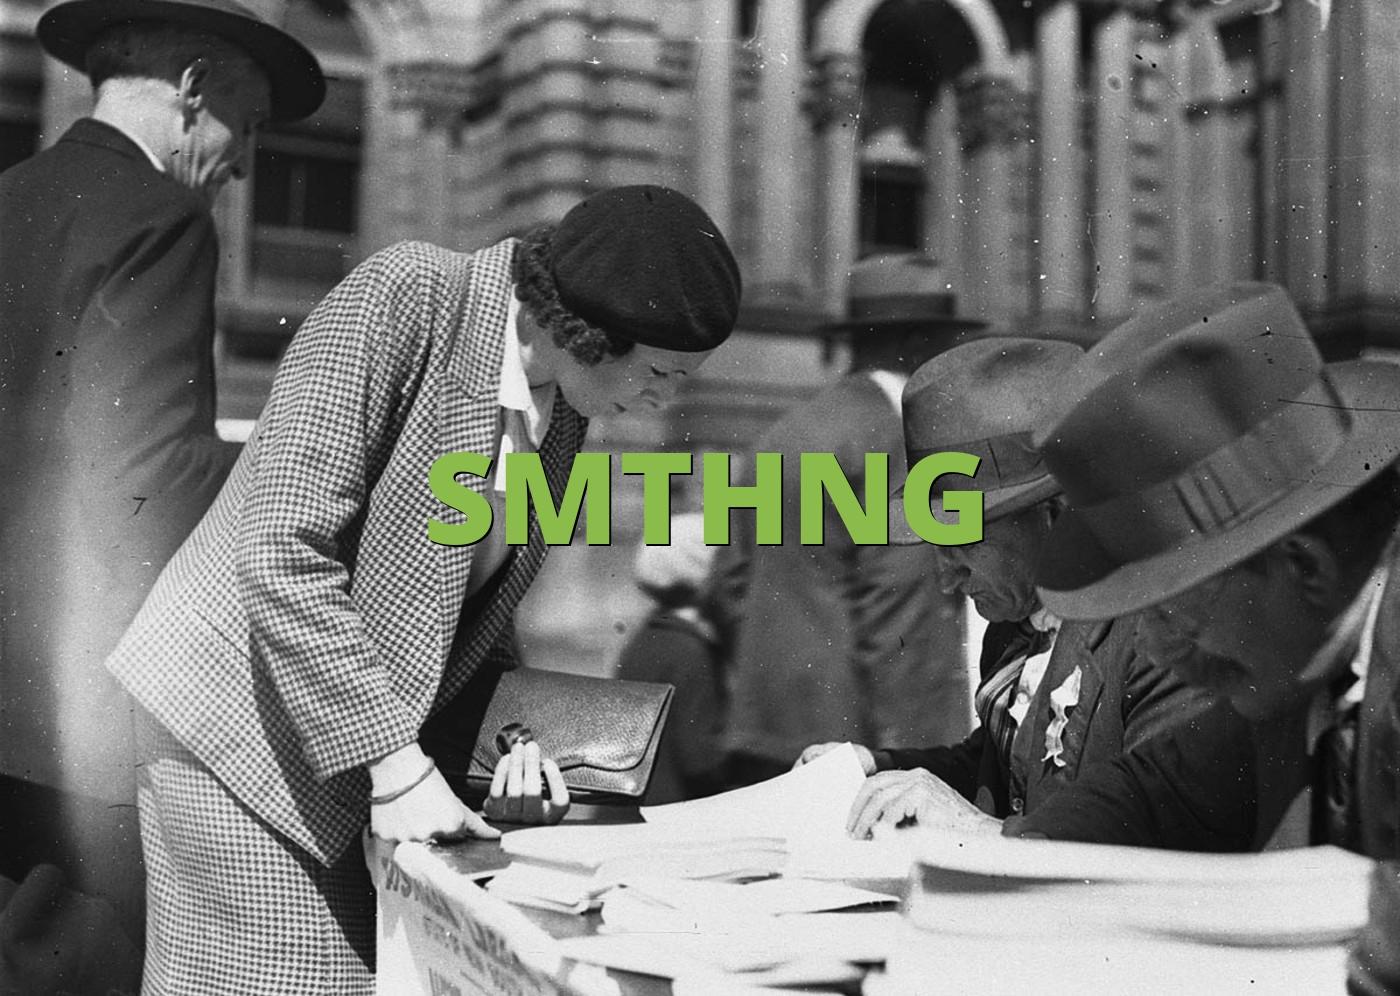 SMTHNG